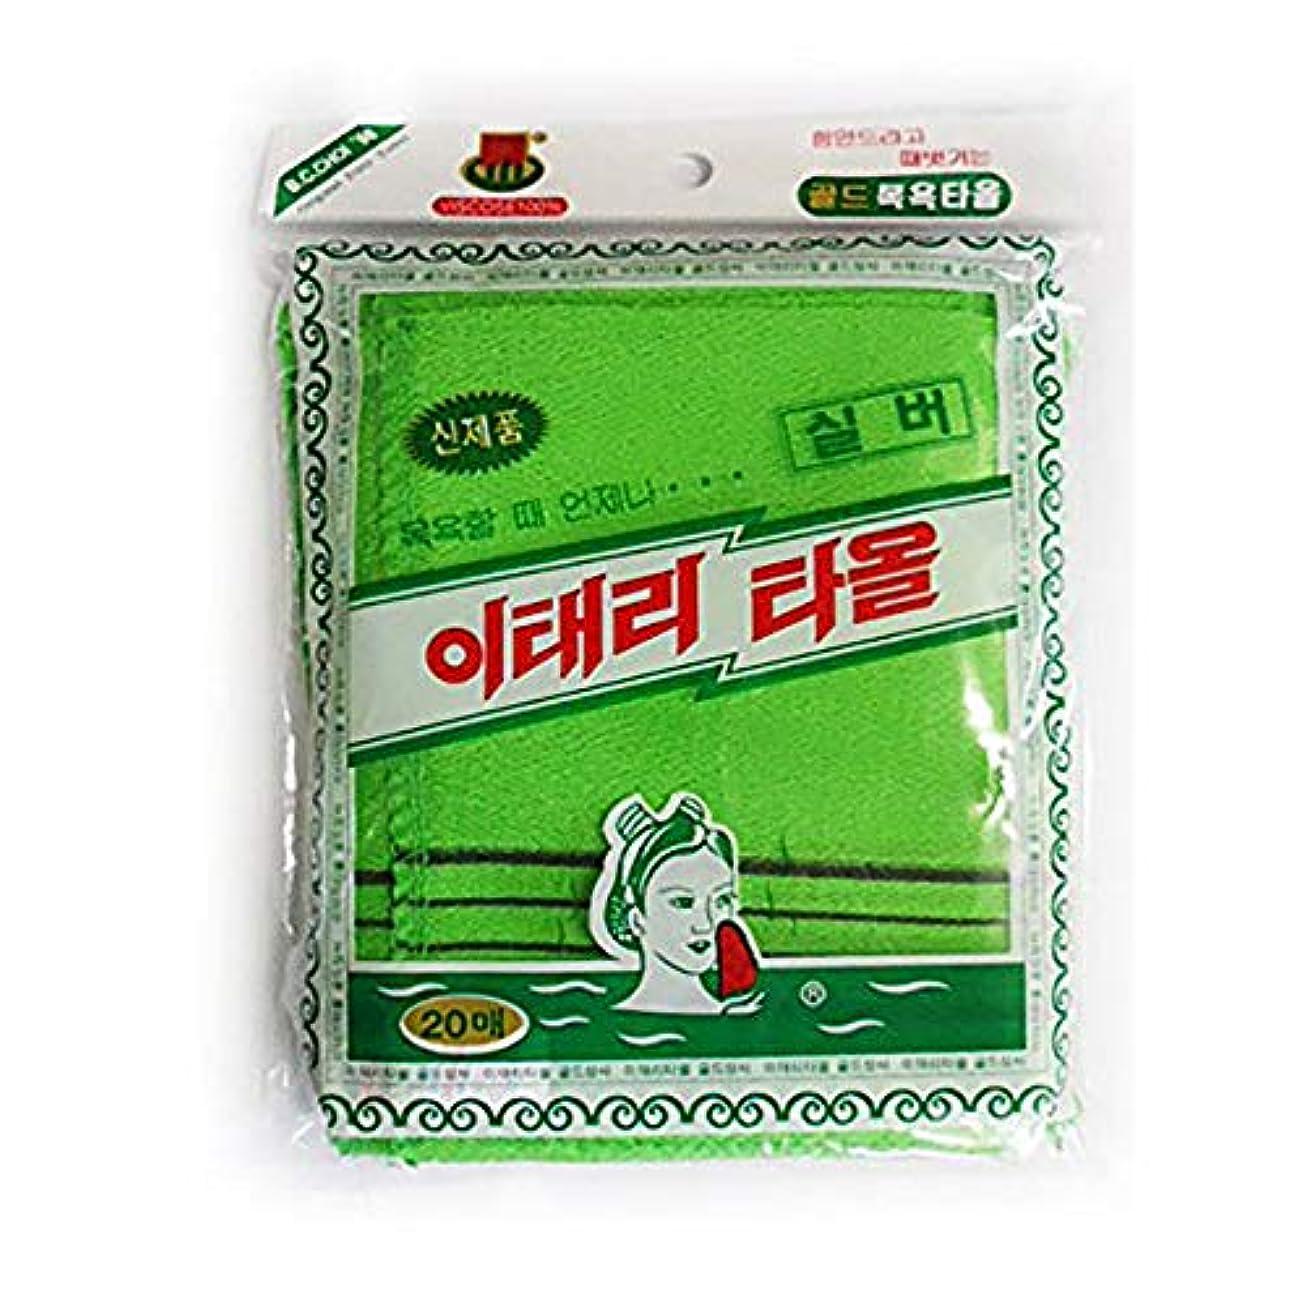 体系的に授業料虫アカスリタオル (韓国式あかすりタオル) 20枚セット